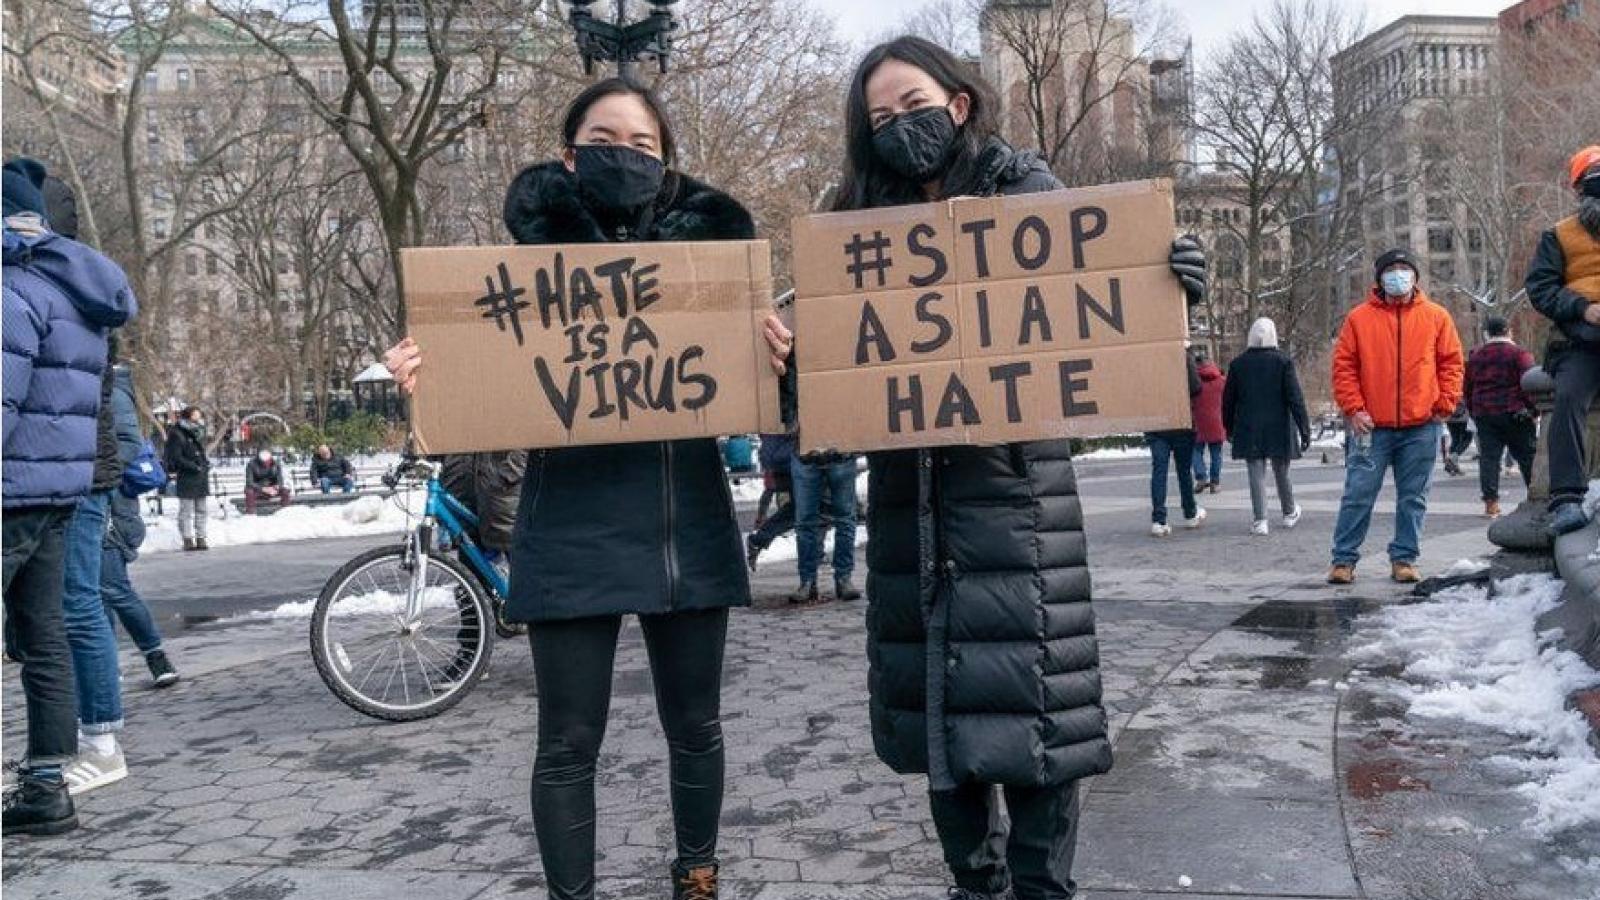 Báo động tình trạng bạo lực nhằm vào người Mỹ gốc châu Á